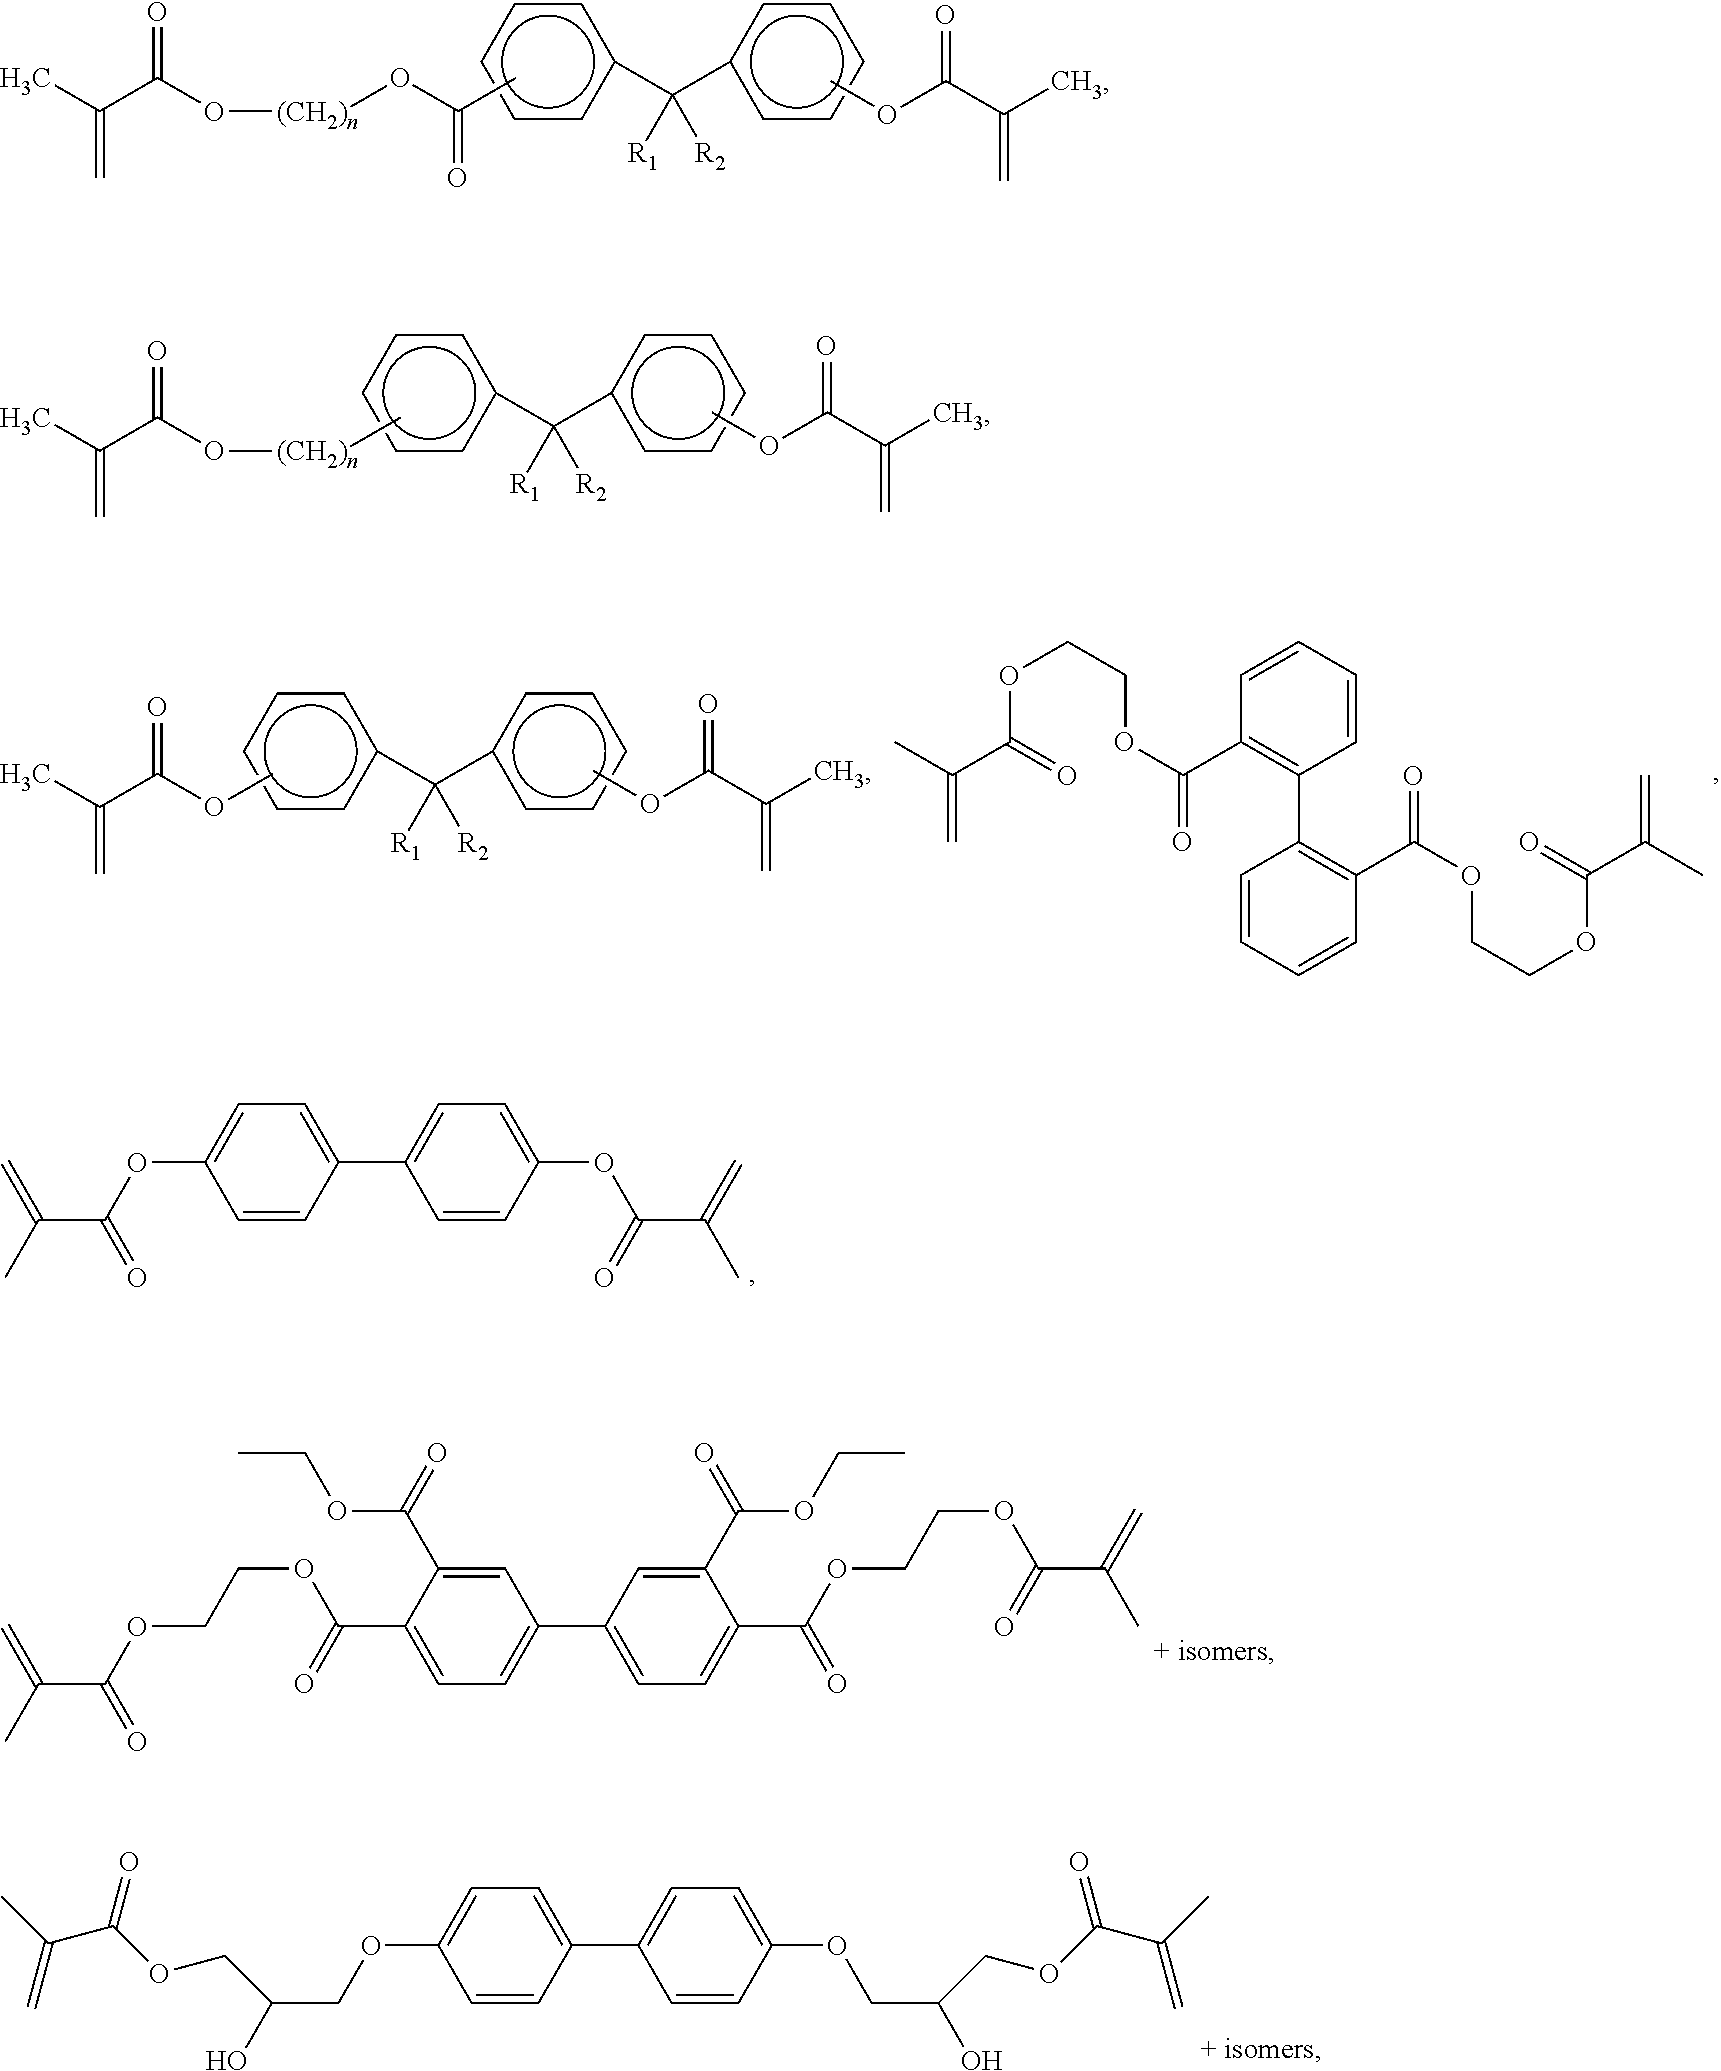 Figure US09605175-20170328-C00002